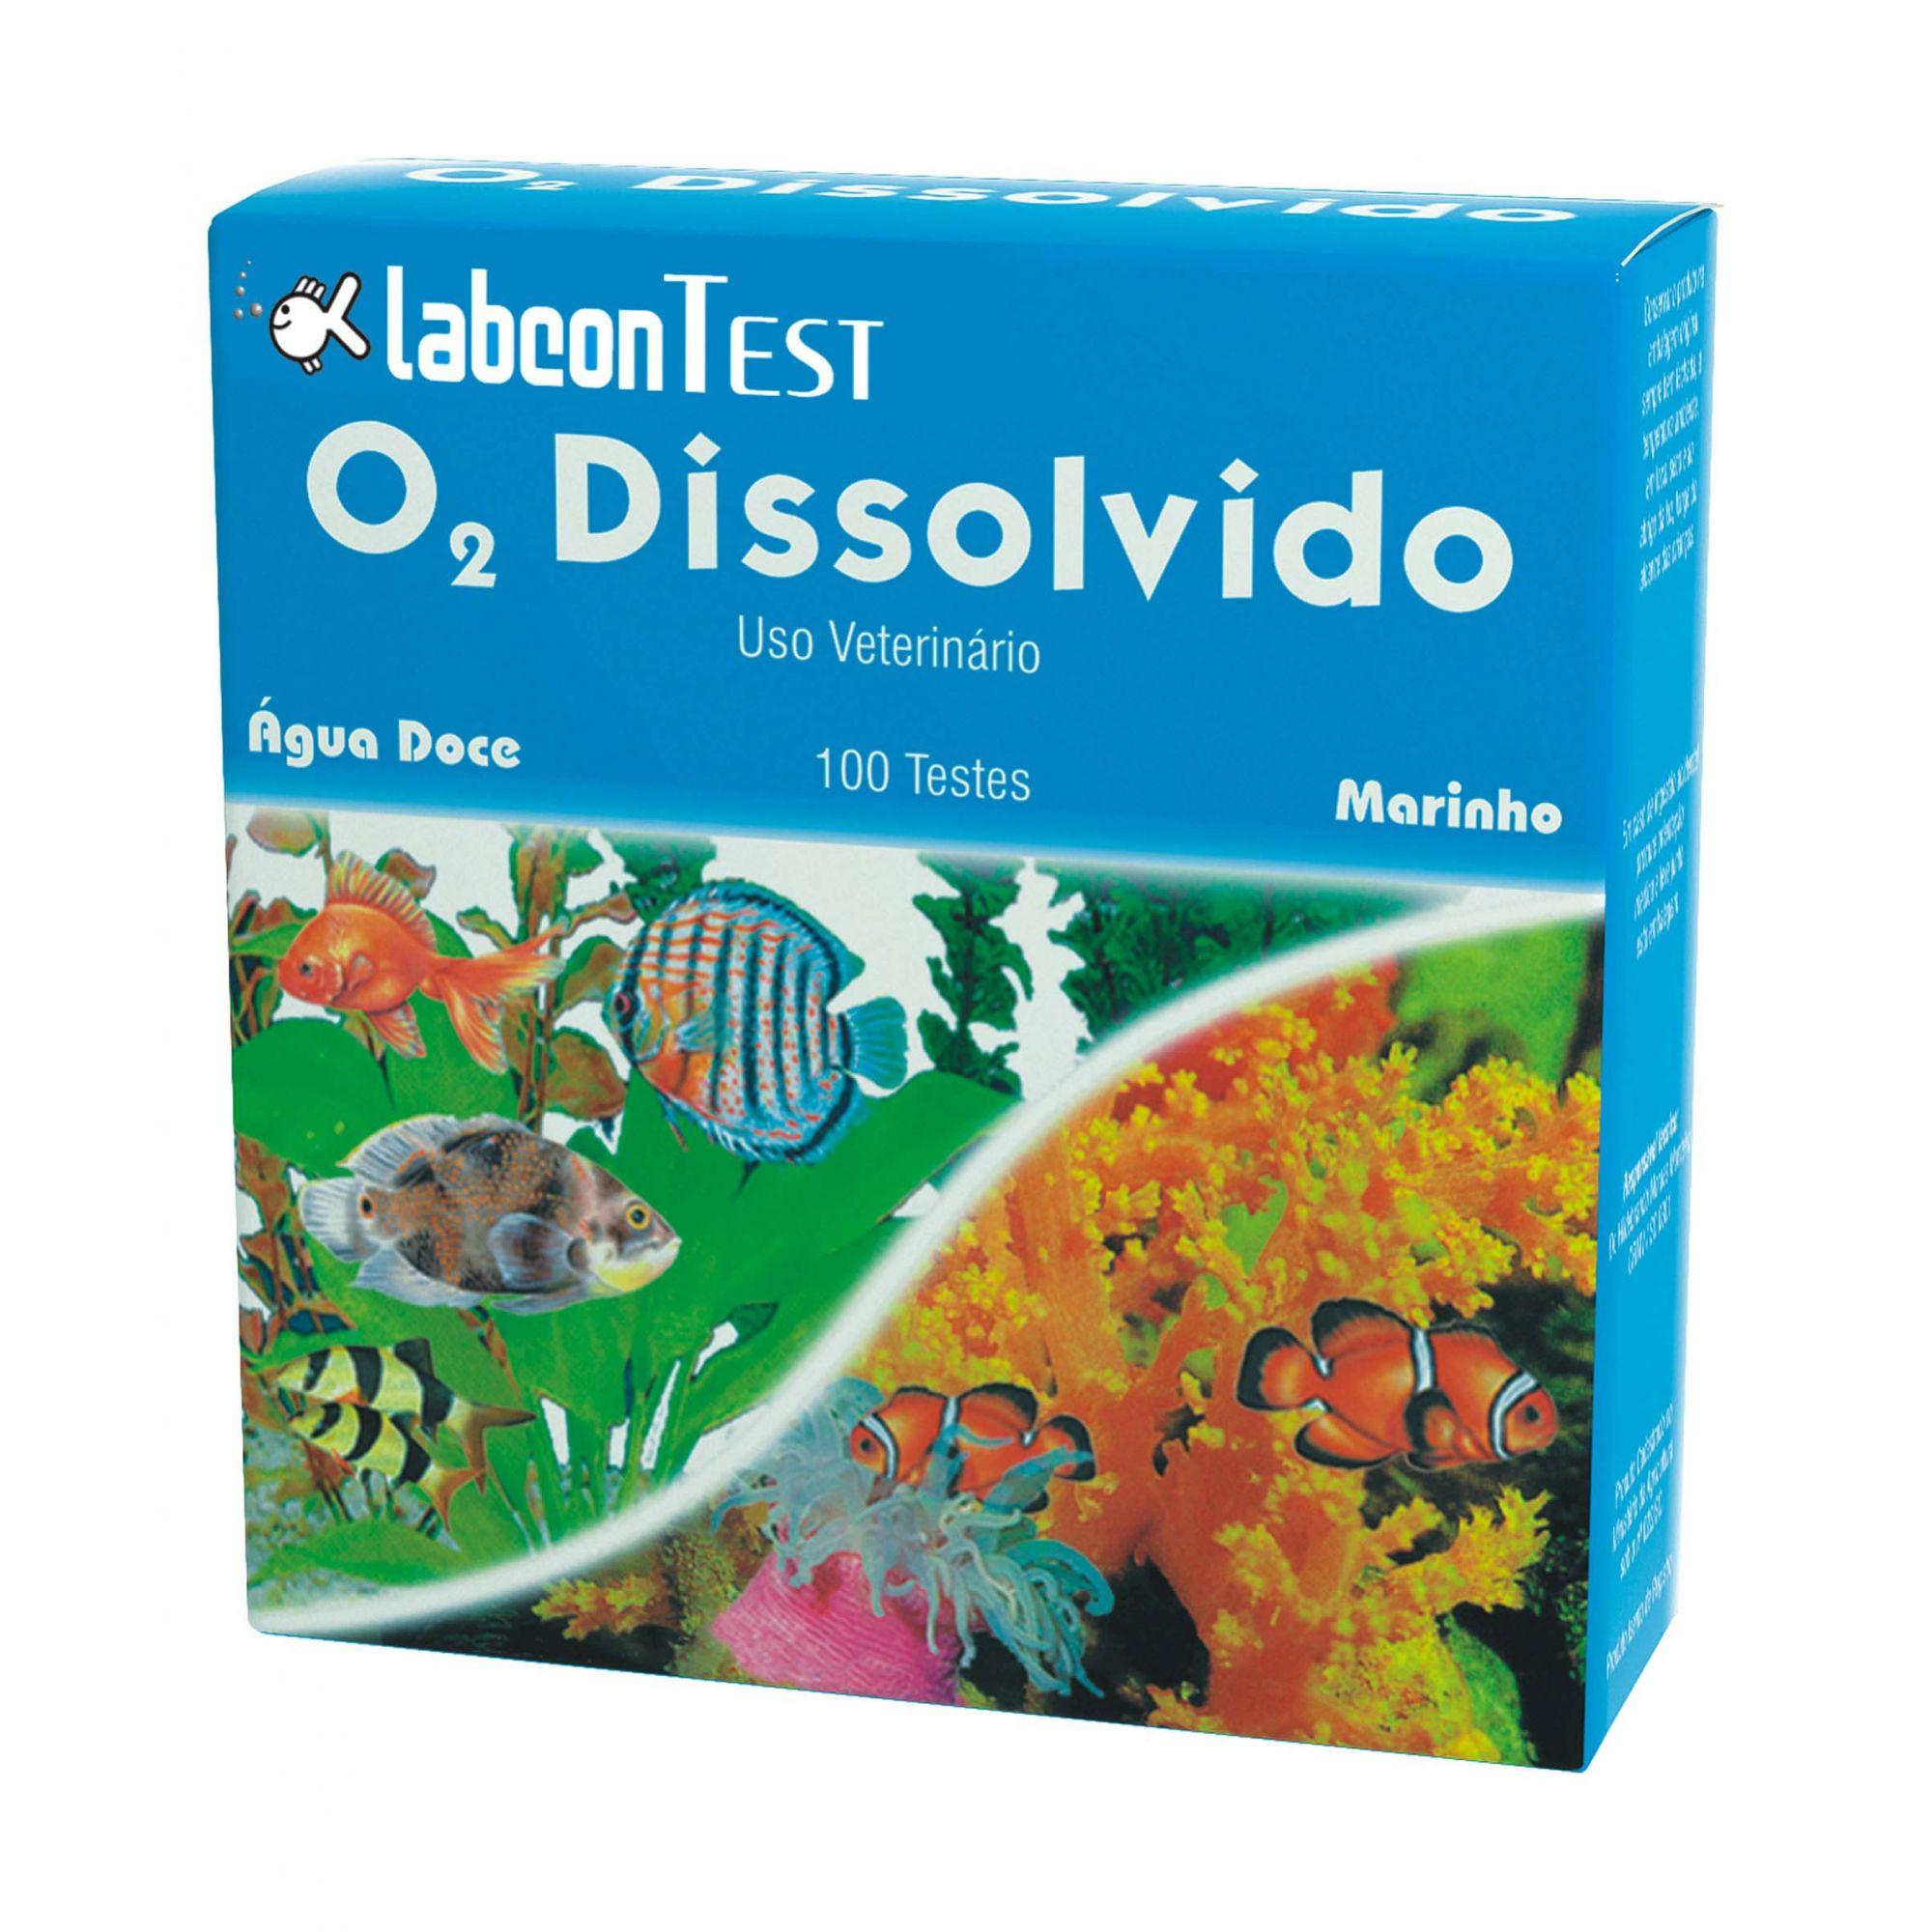 Alcon Labcon Test O2 Dissolvido - 100 Testes